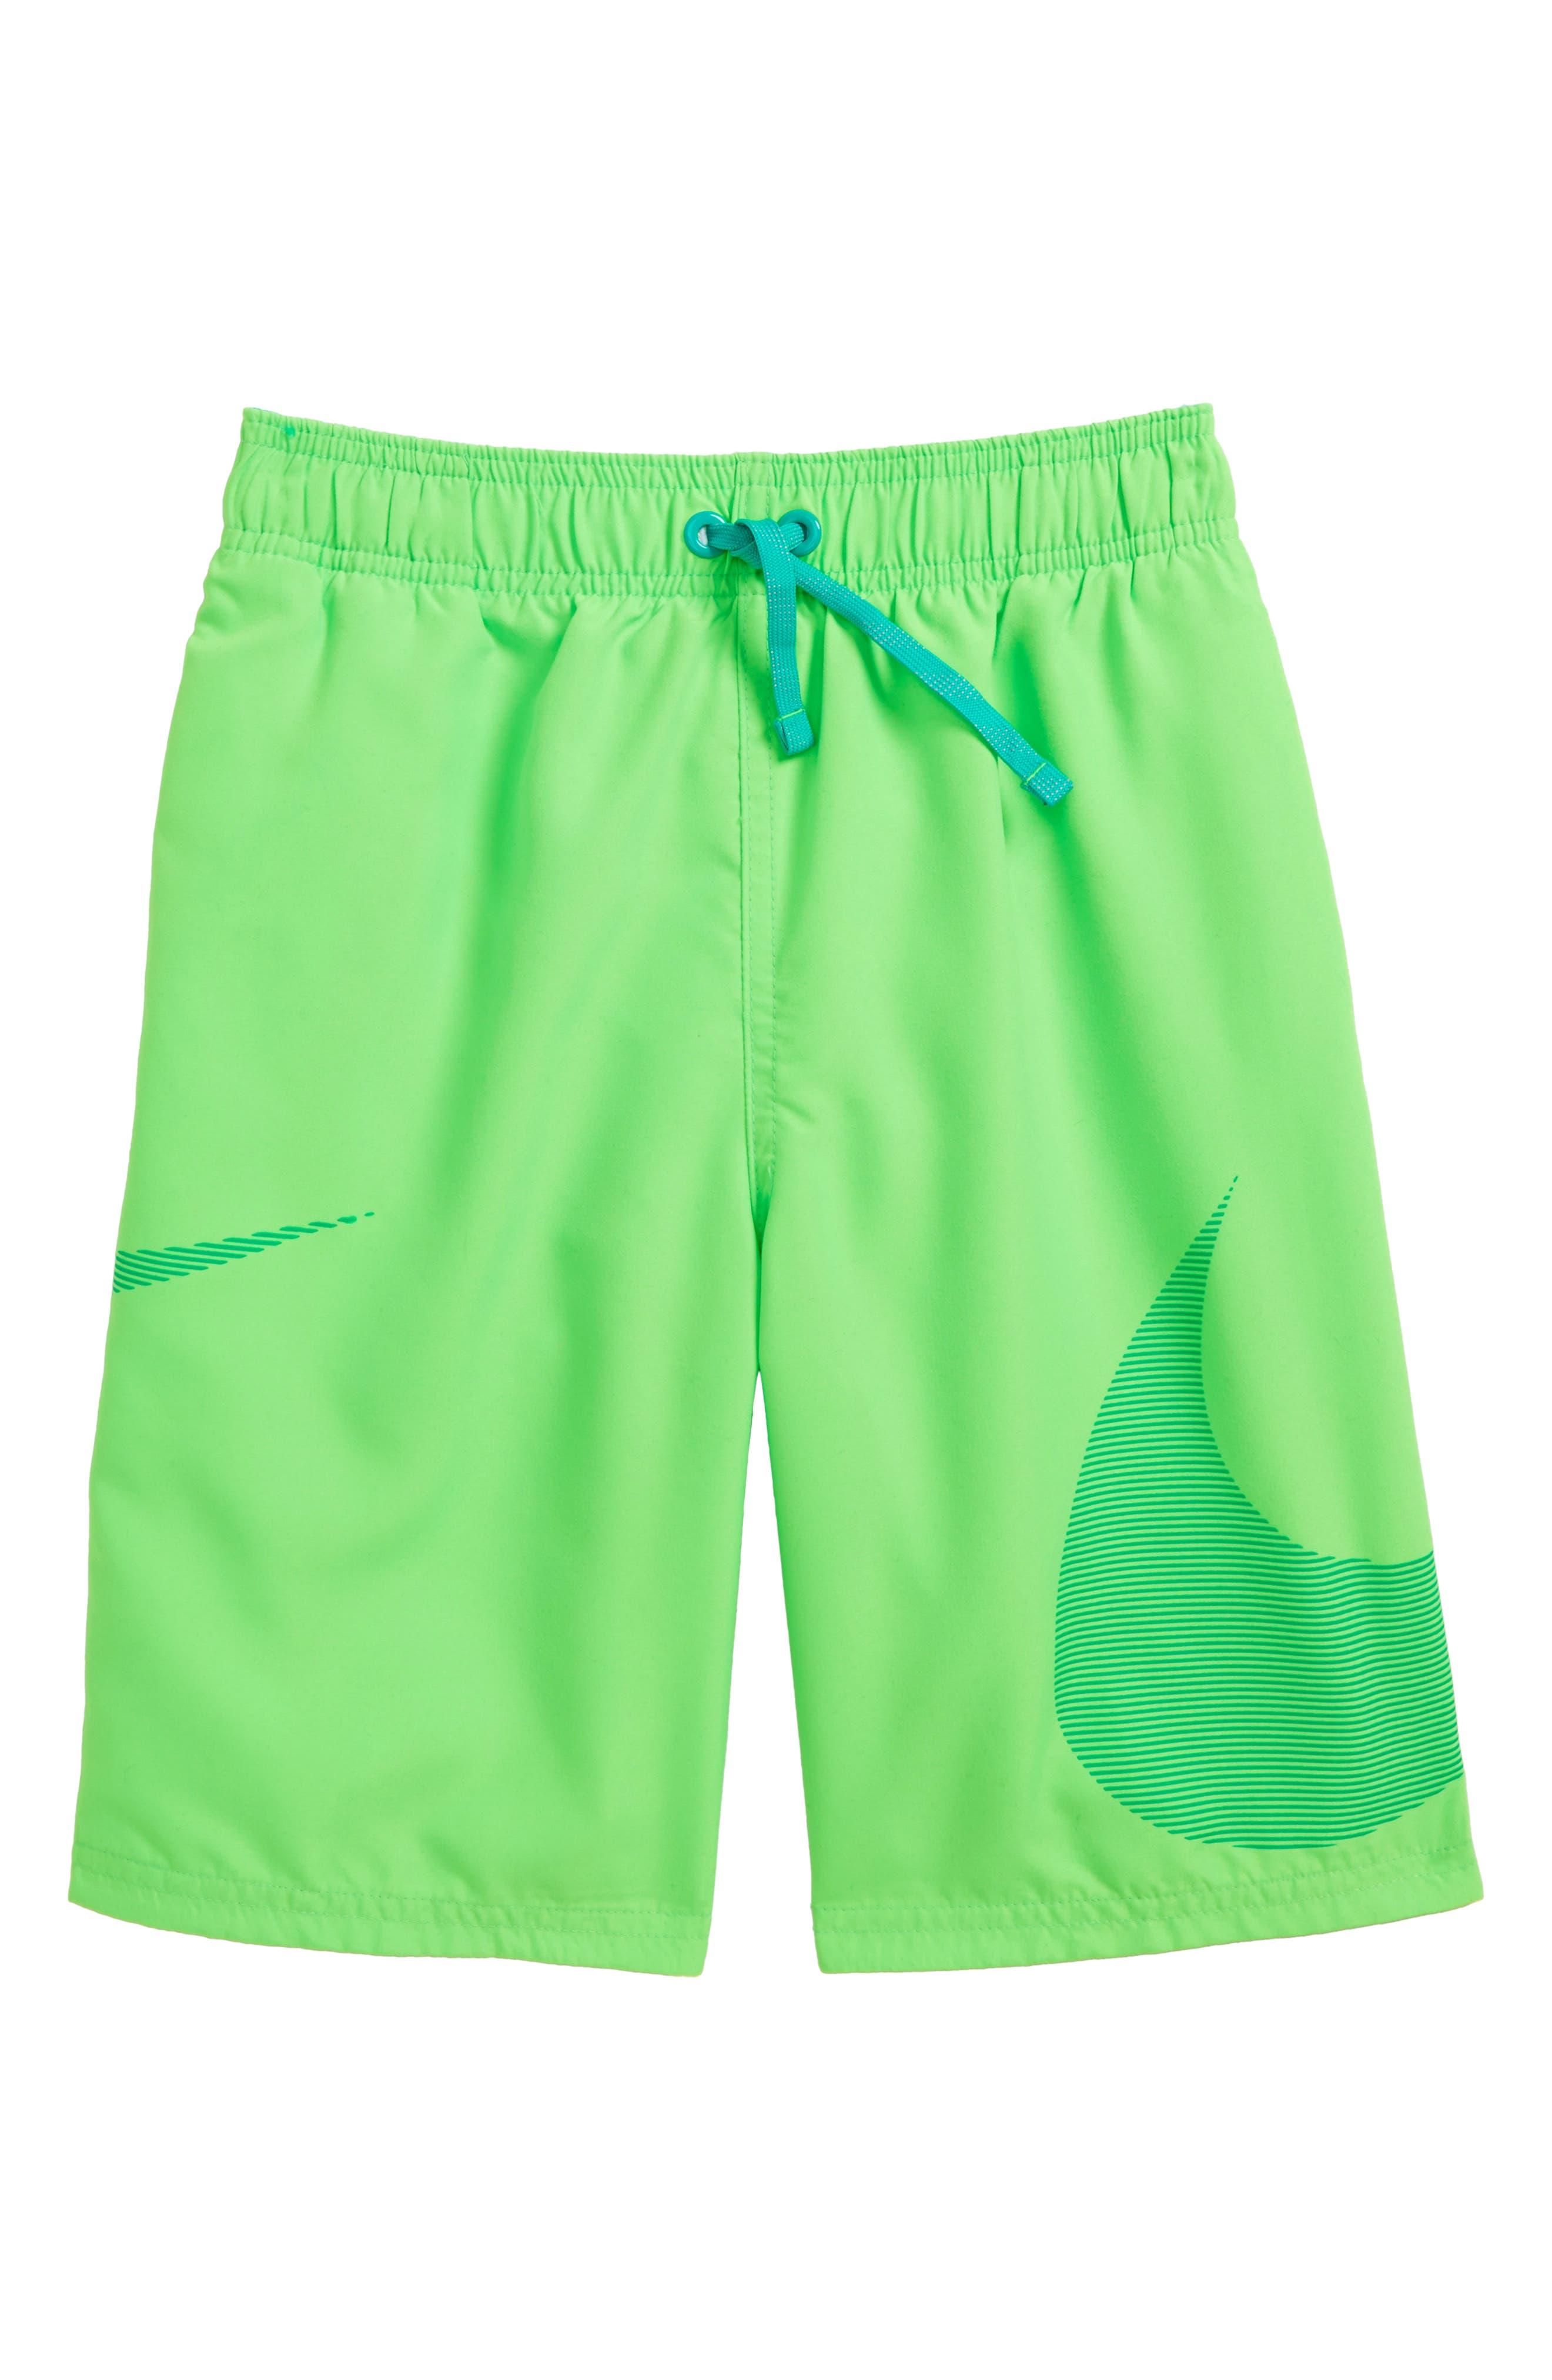 Diverge Volley Shorts,                             Main thumbnail 2, color,